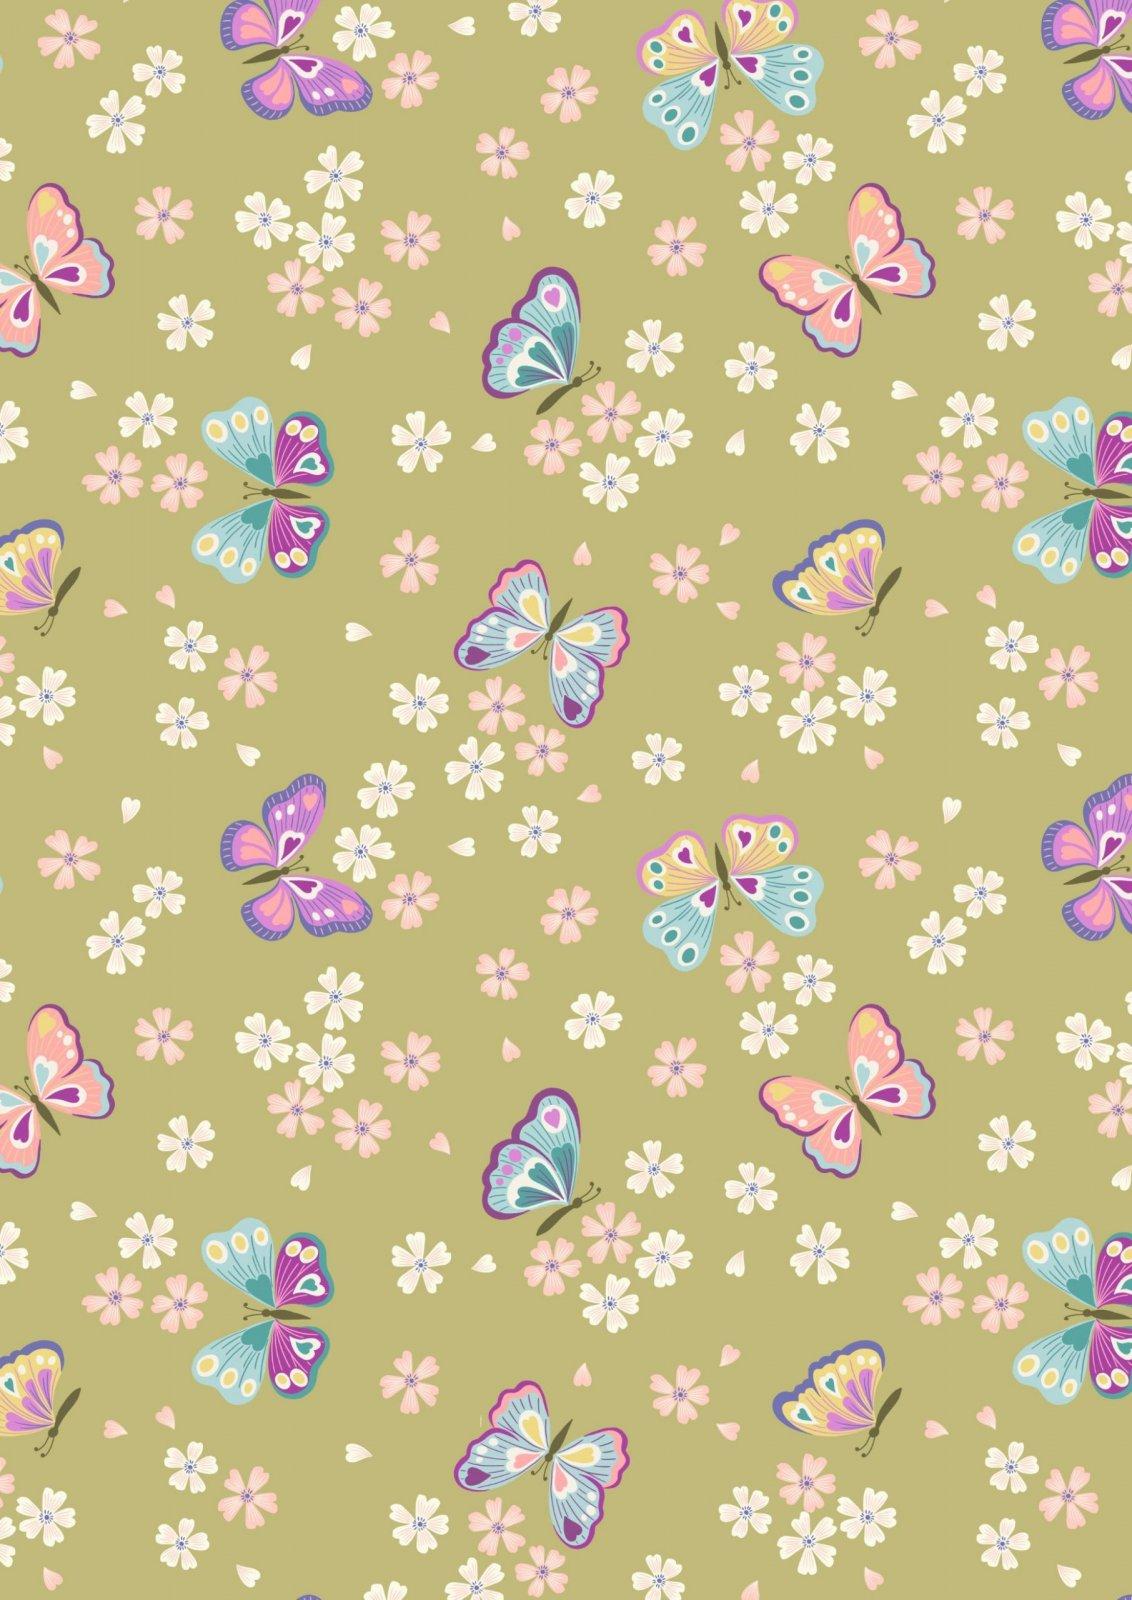 Love Blooms - A523.3 Butterflies on Summer Green